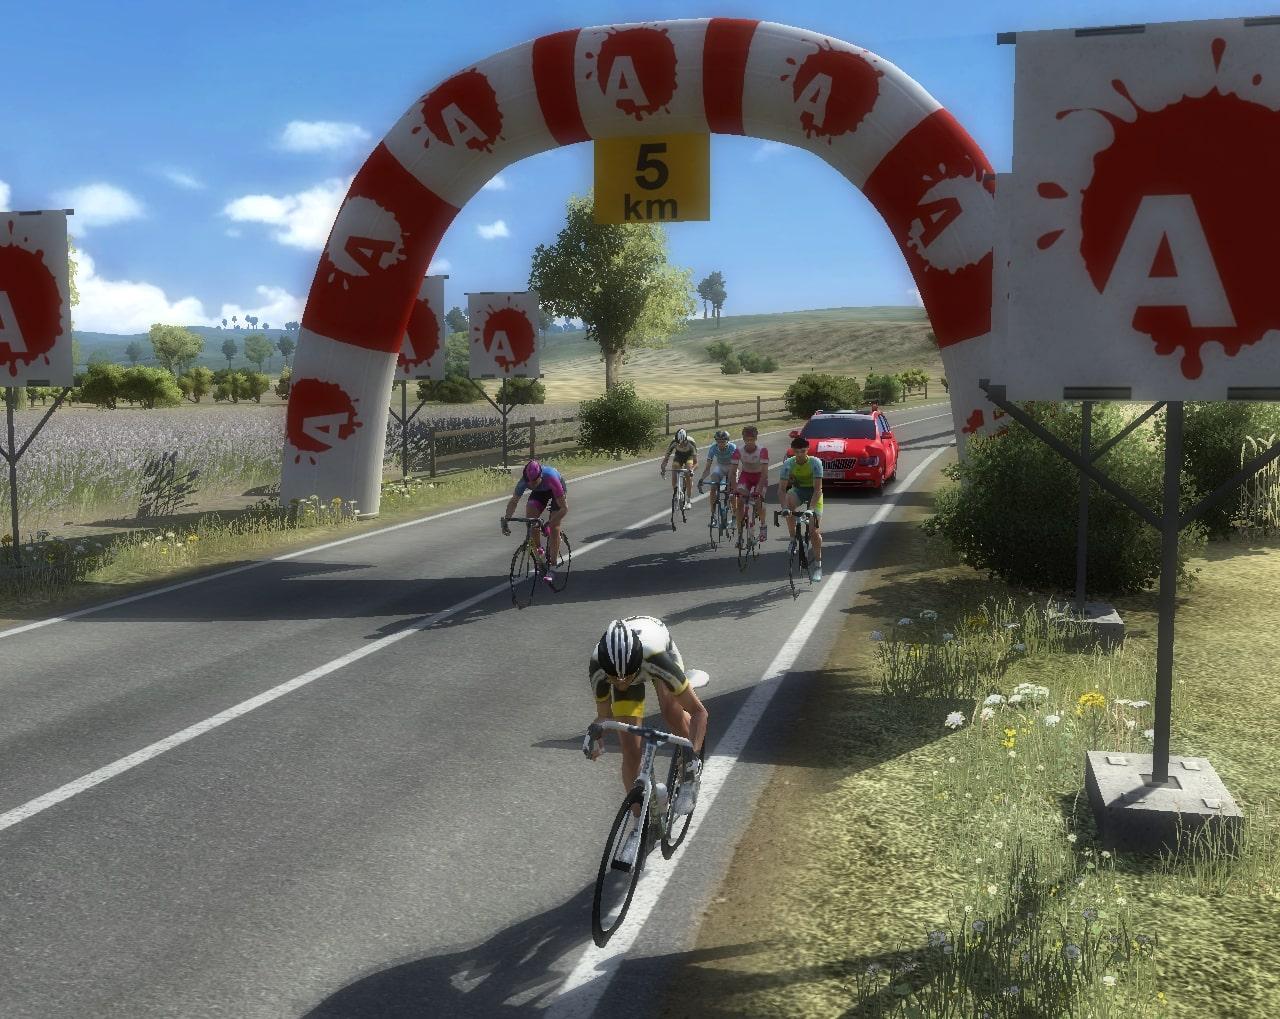 pcmdaily.com/images/mg/2020/Reports/GTM/VueltaEsp/week3/fotos/19vu14.jpg